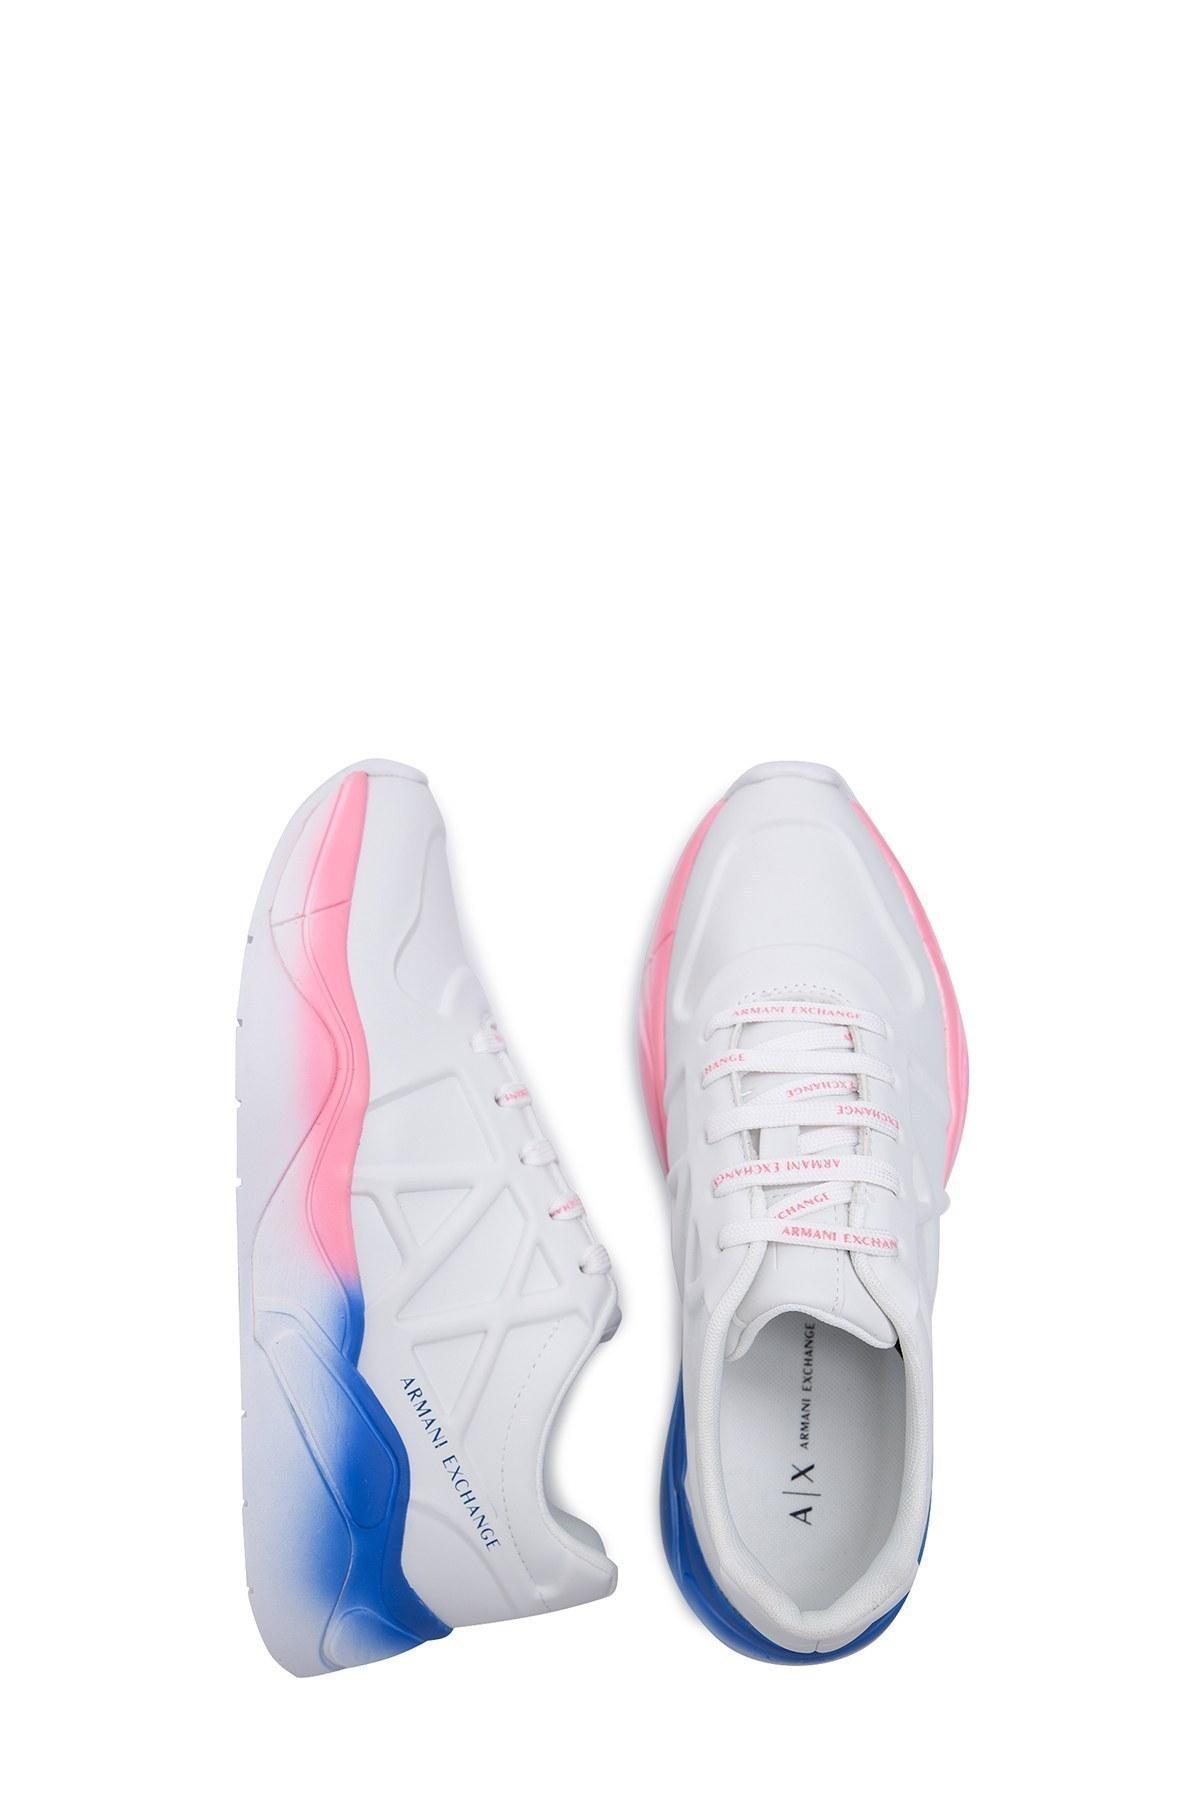 Armani Exchange Kadın Ayakkabı XDX036 XV304 00152 KIRIK BEYAZ